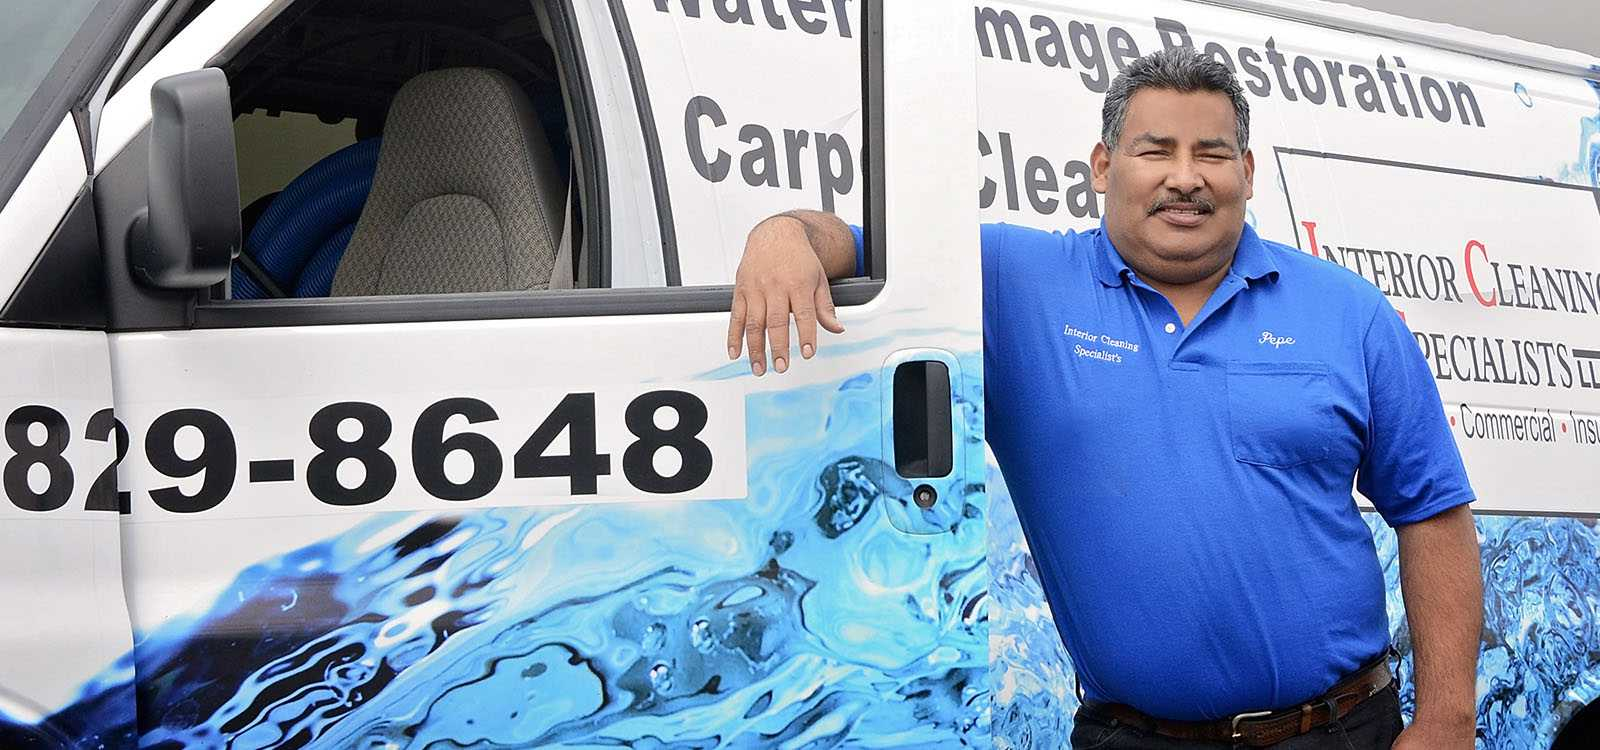 man leaning against business van